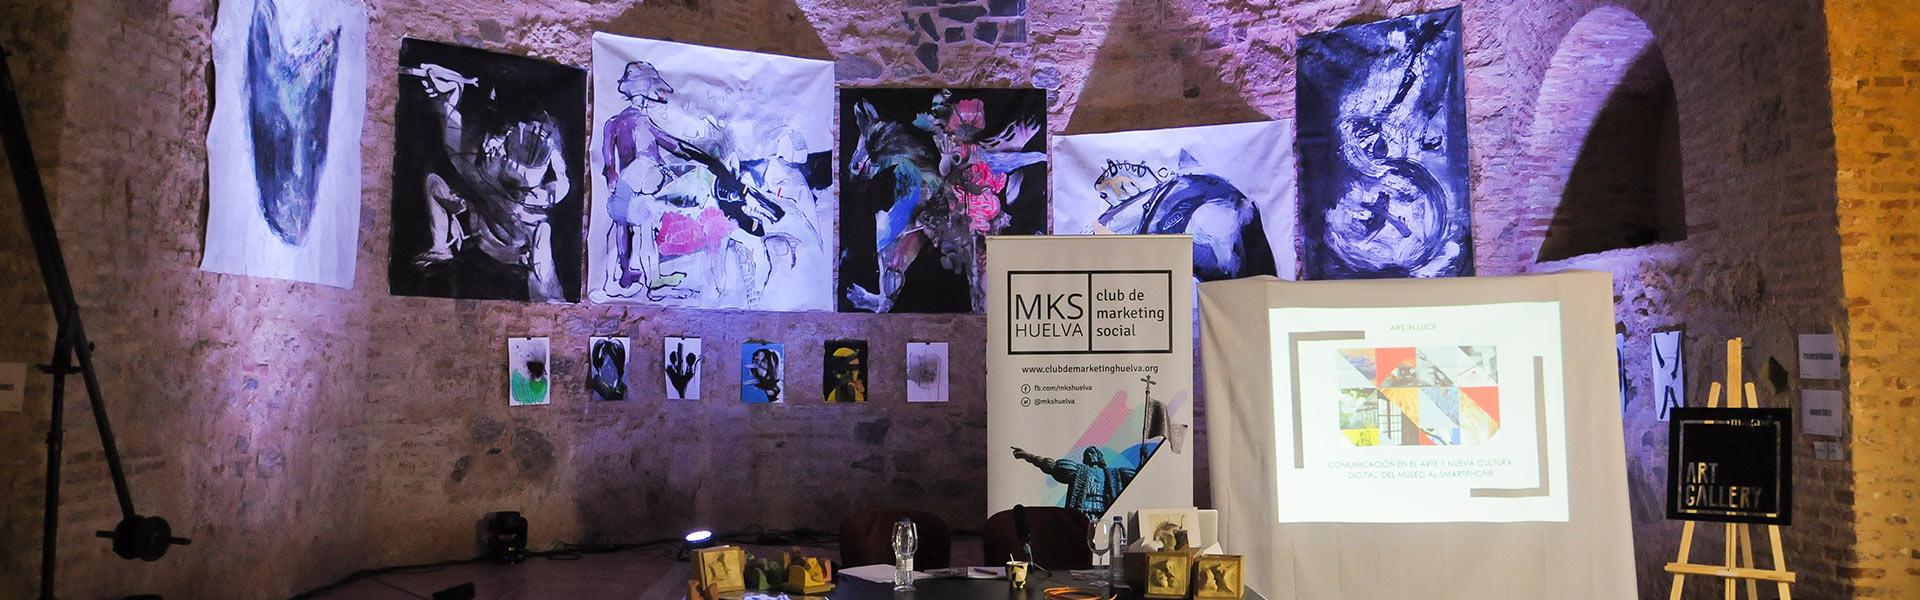 Slider Eventos Magase Art Gallery